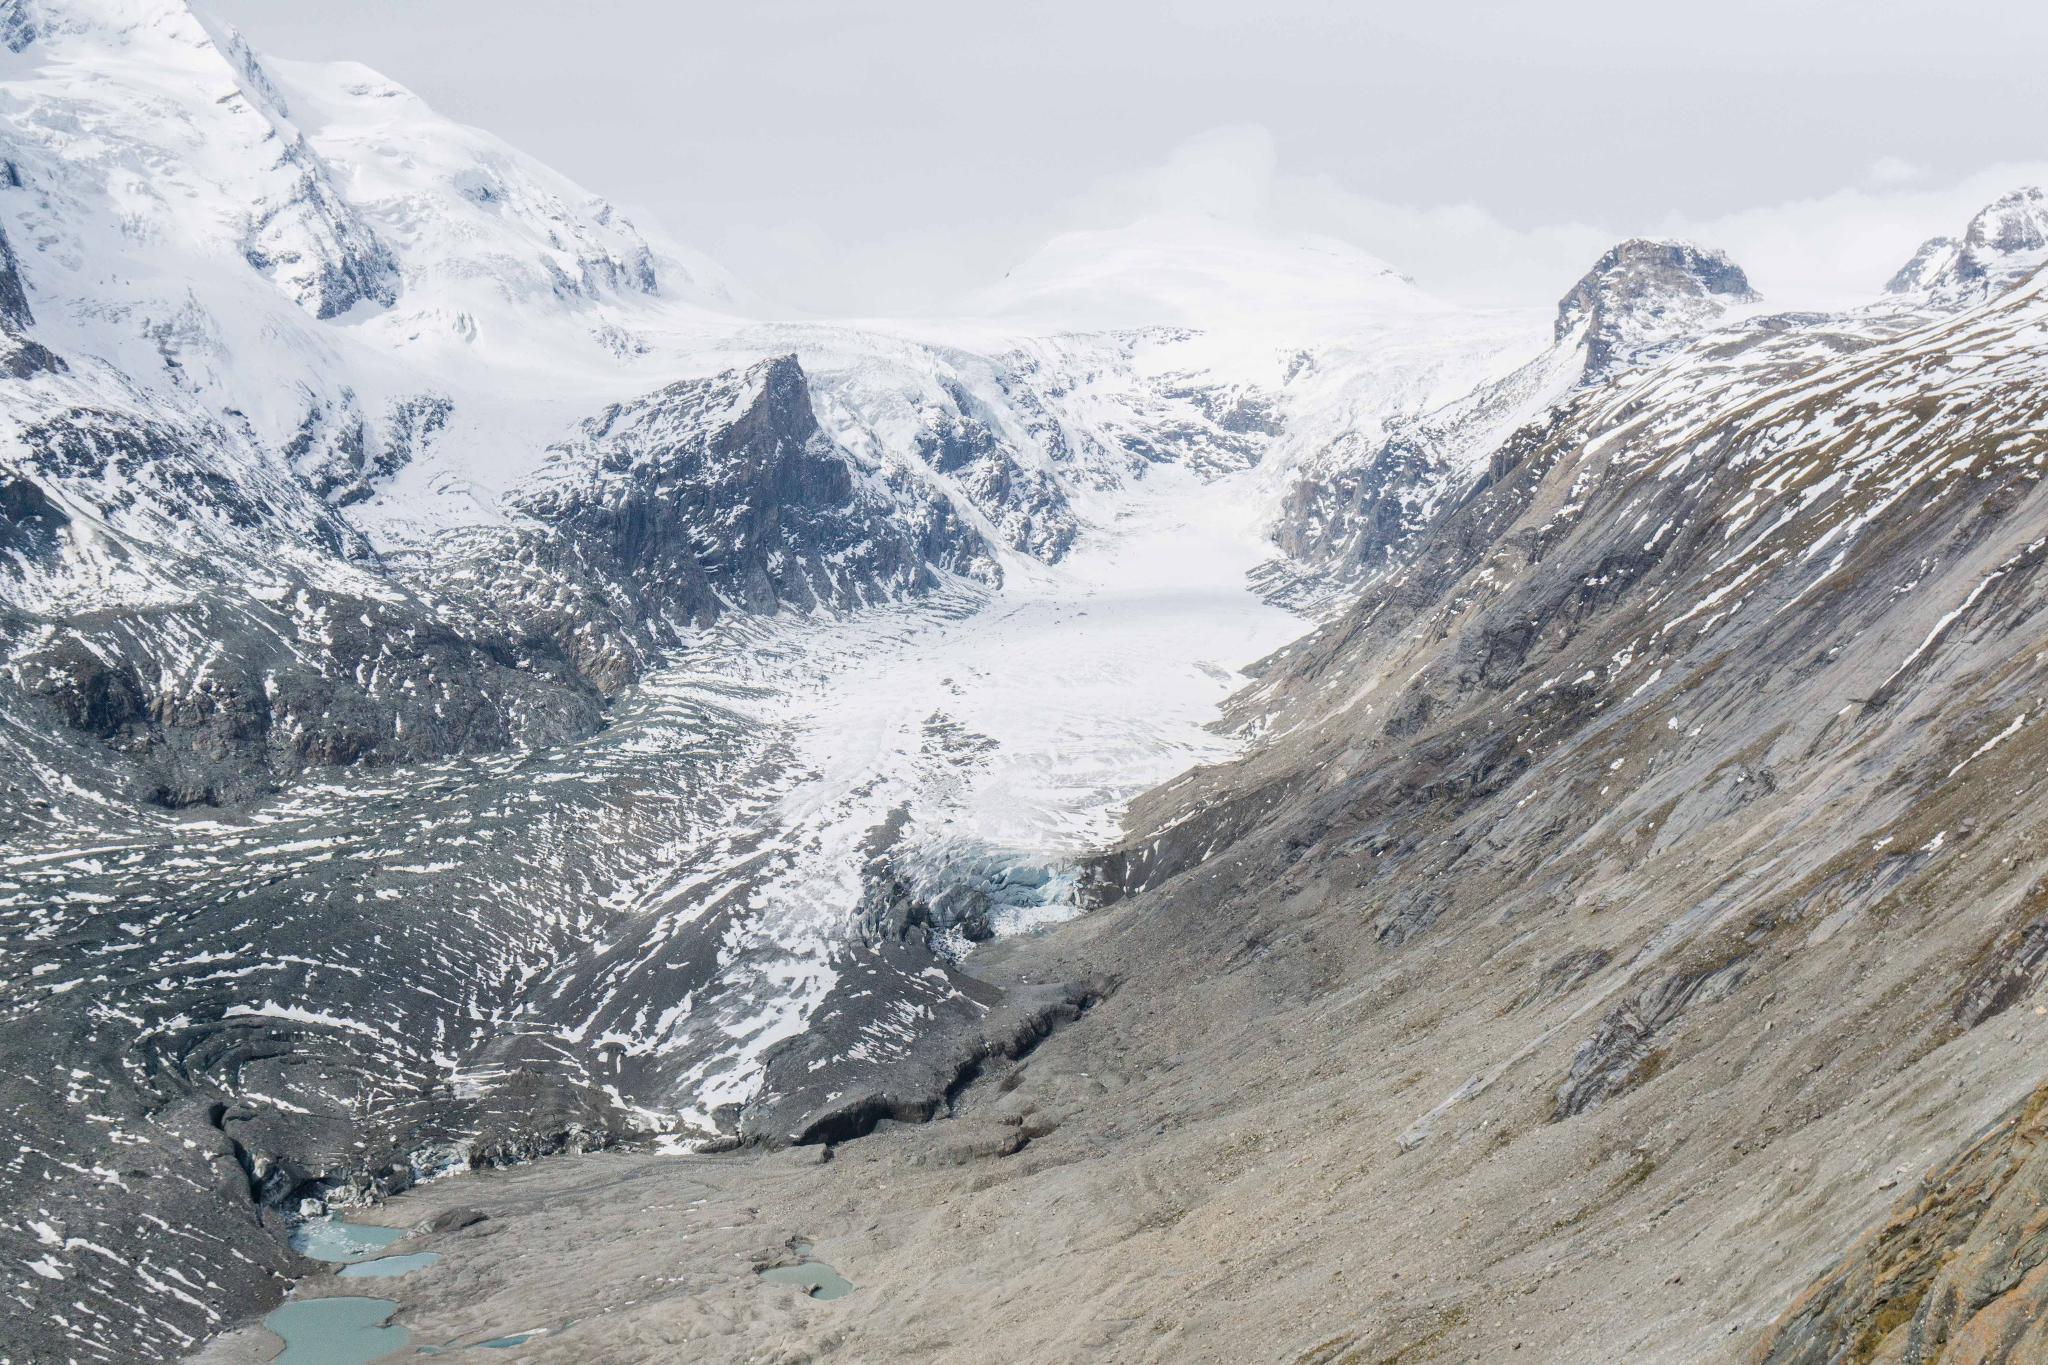 【奧地利】穿越阿爾卑斯之巔 — 奧地利大鐘山冰河公路 (Grossglockner High Alpine Road) 28